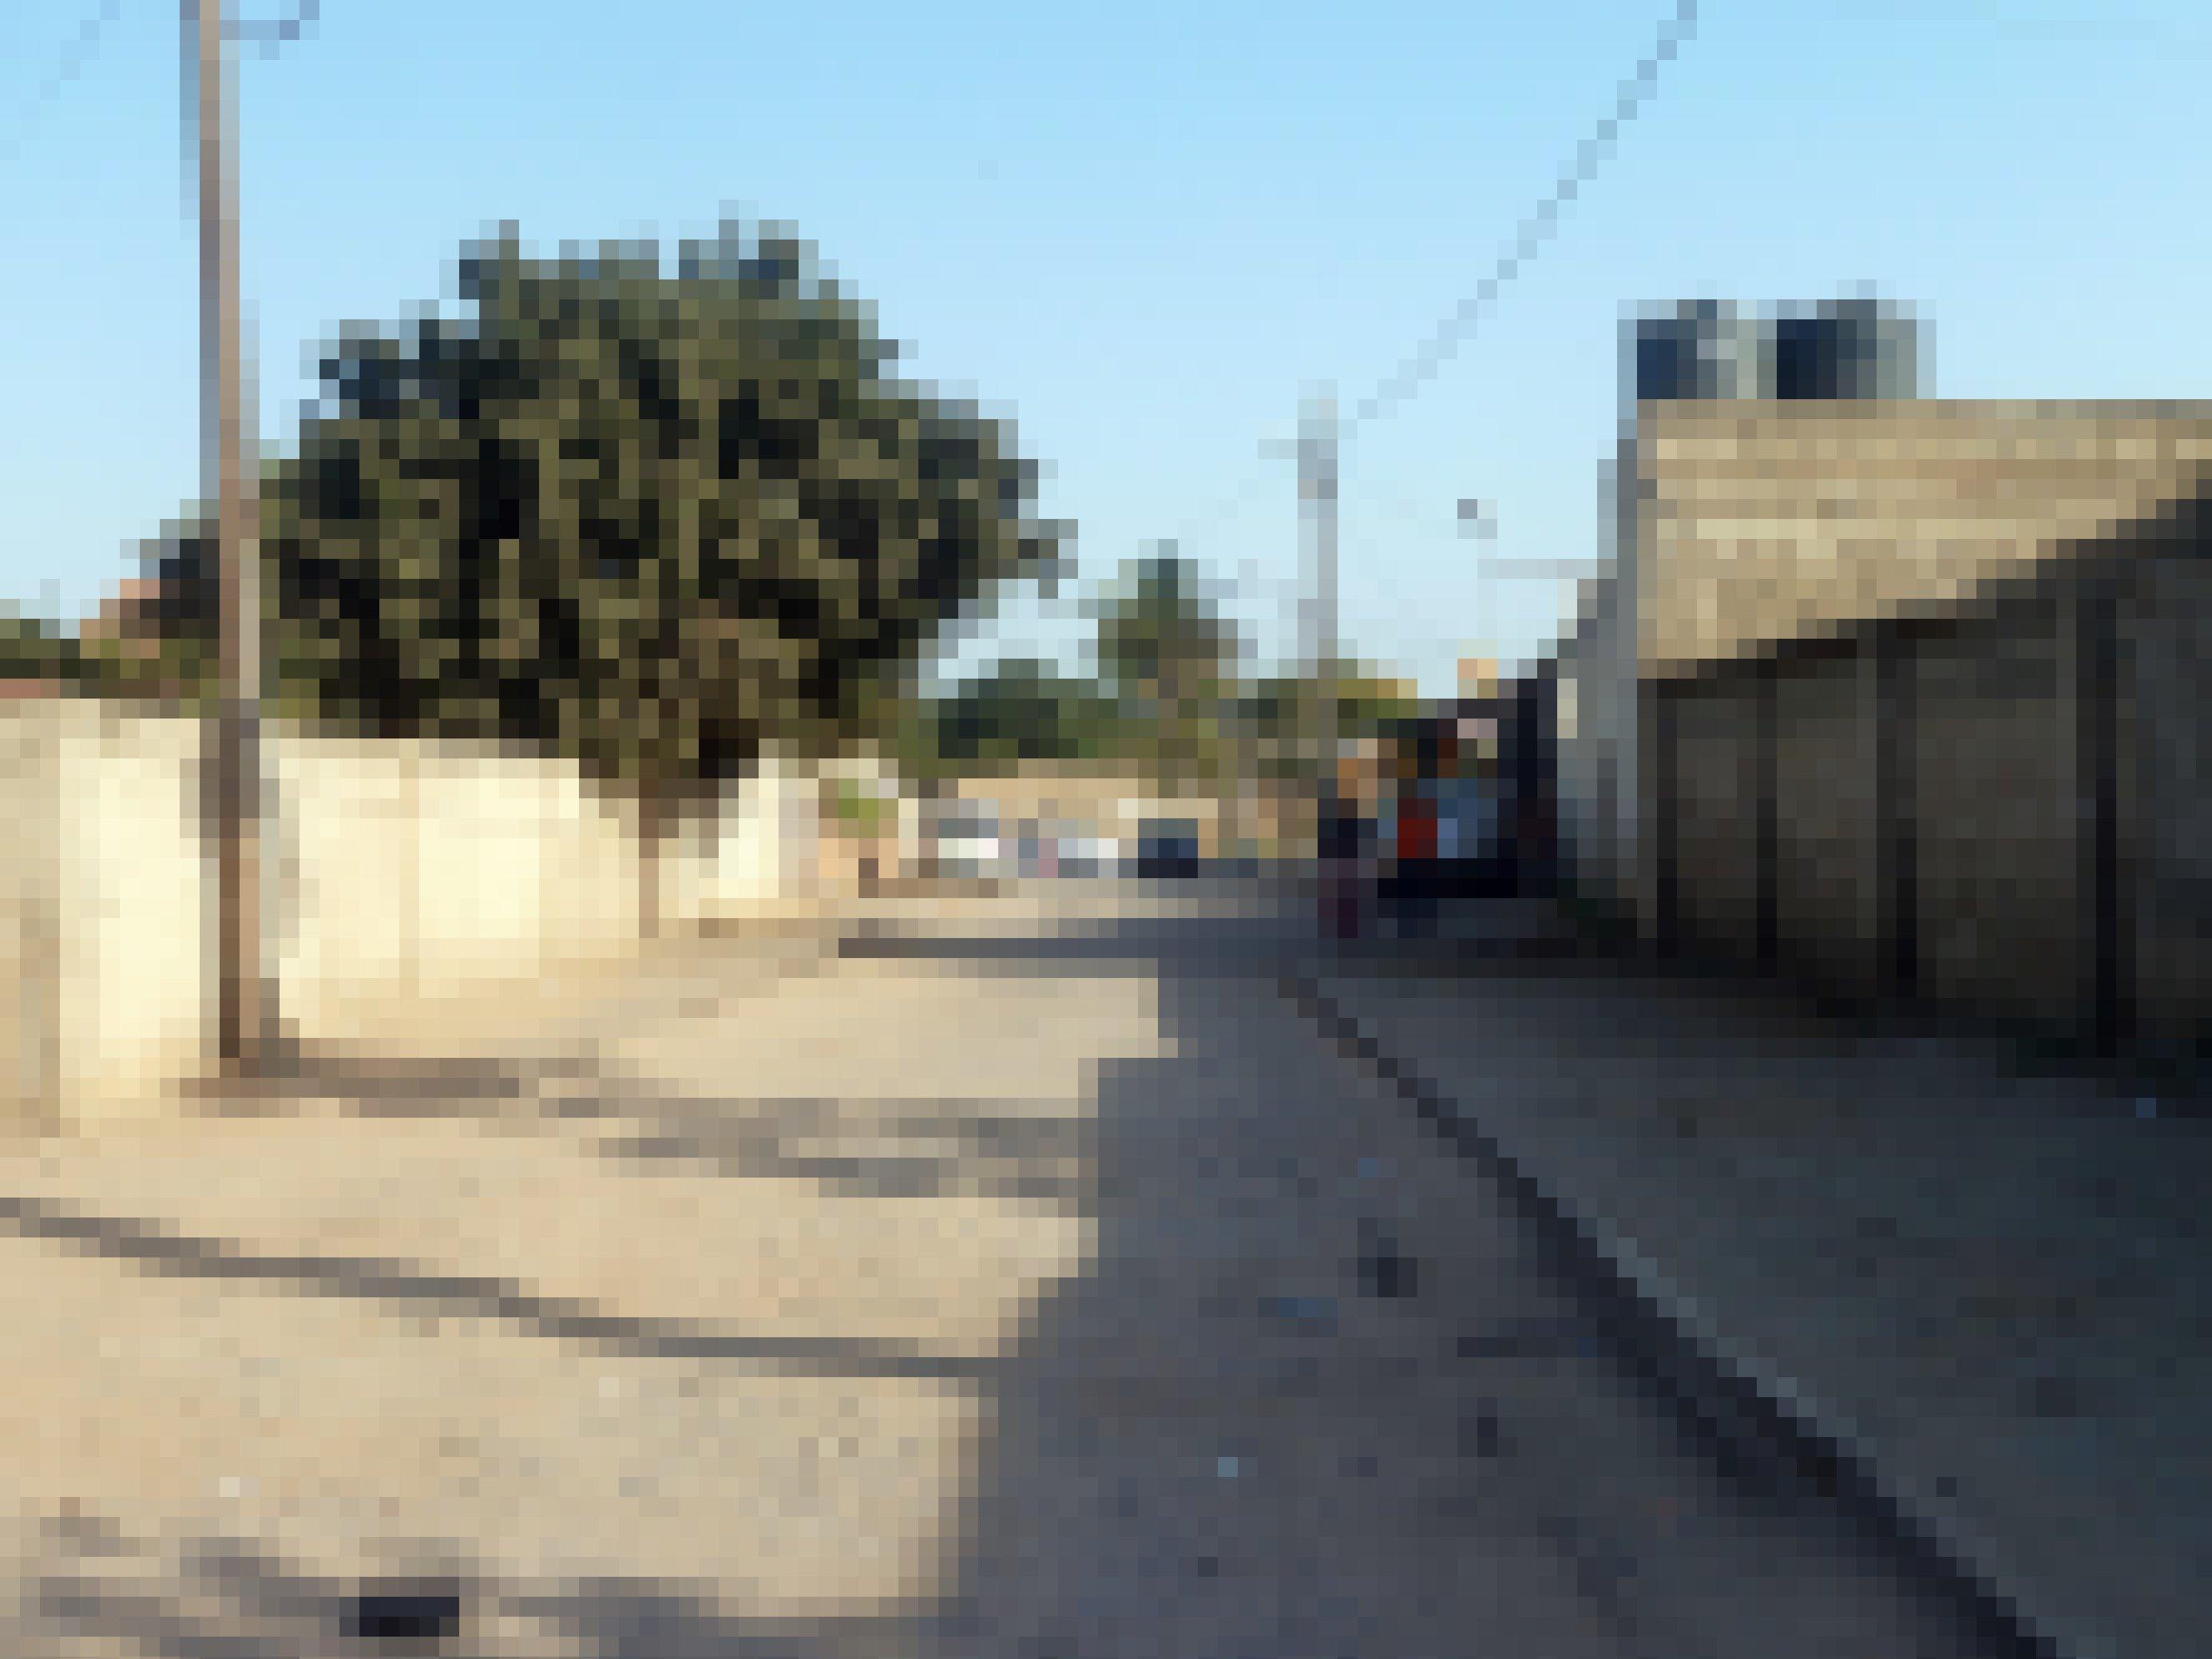 Marios Schulweg – eine ungeteerte, steinige und hoprige Straße